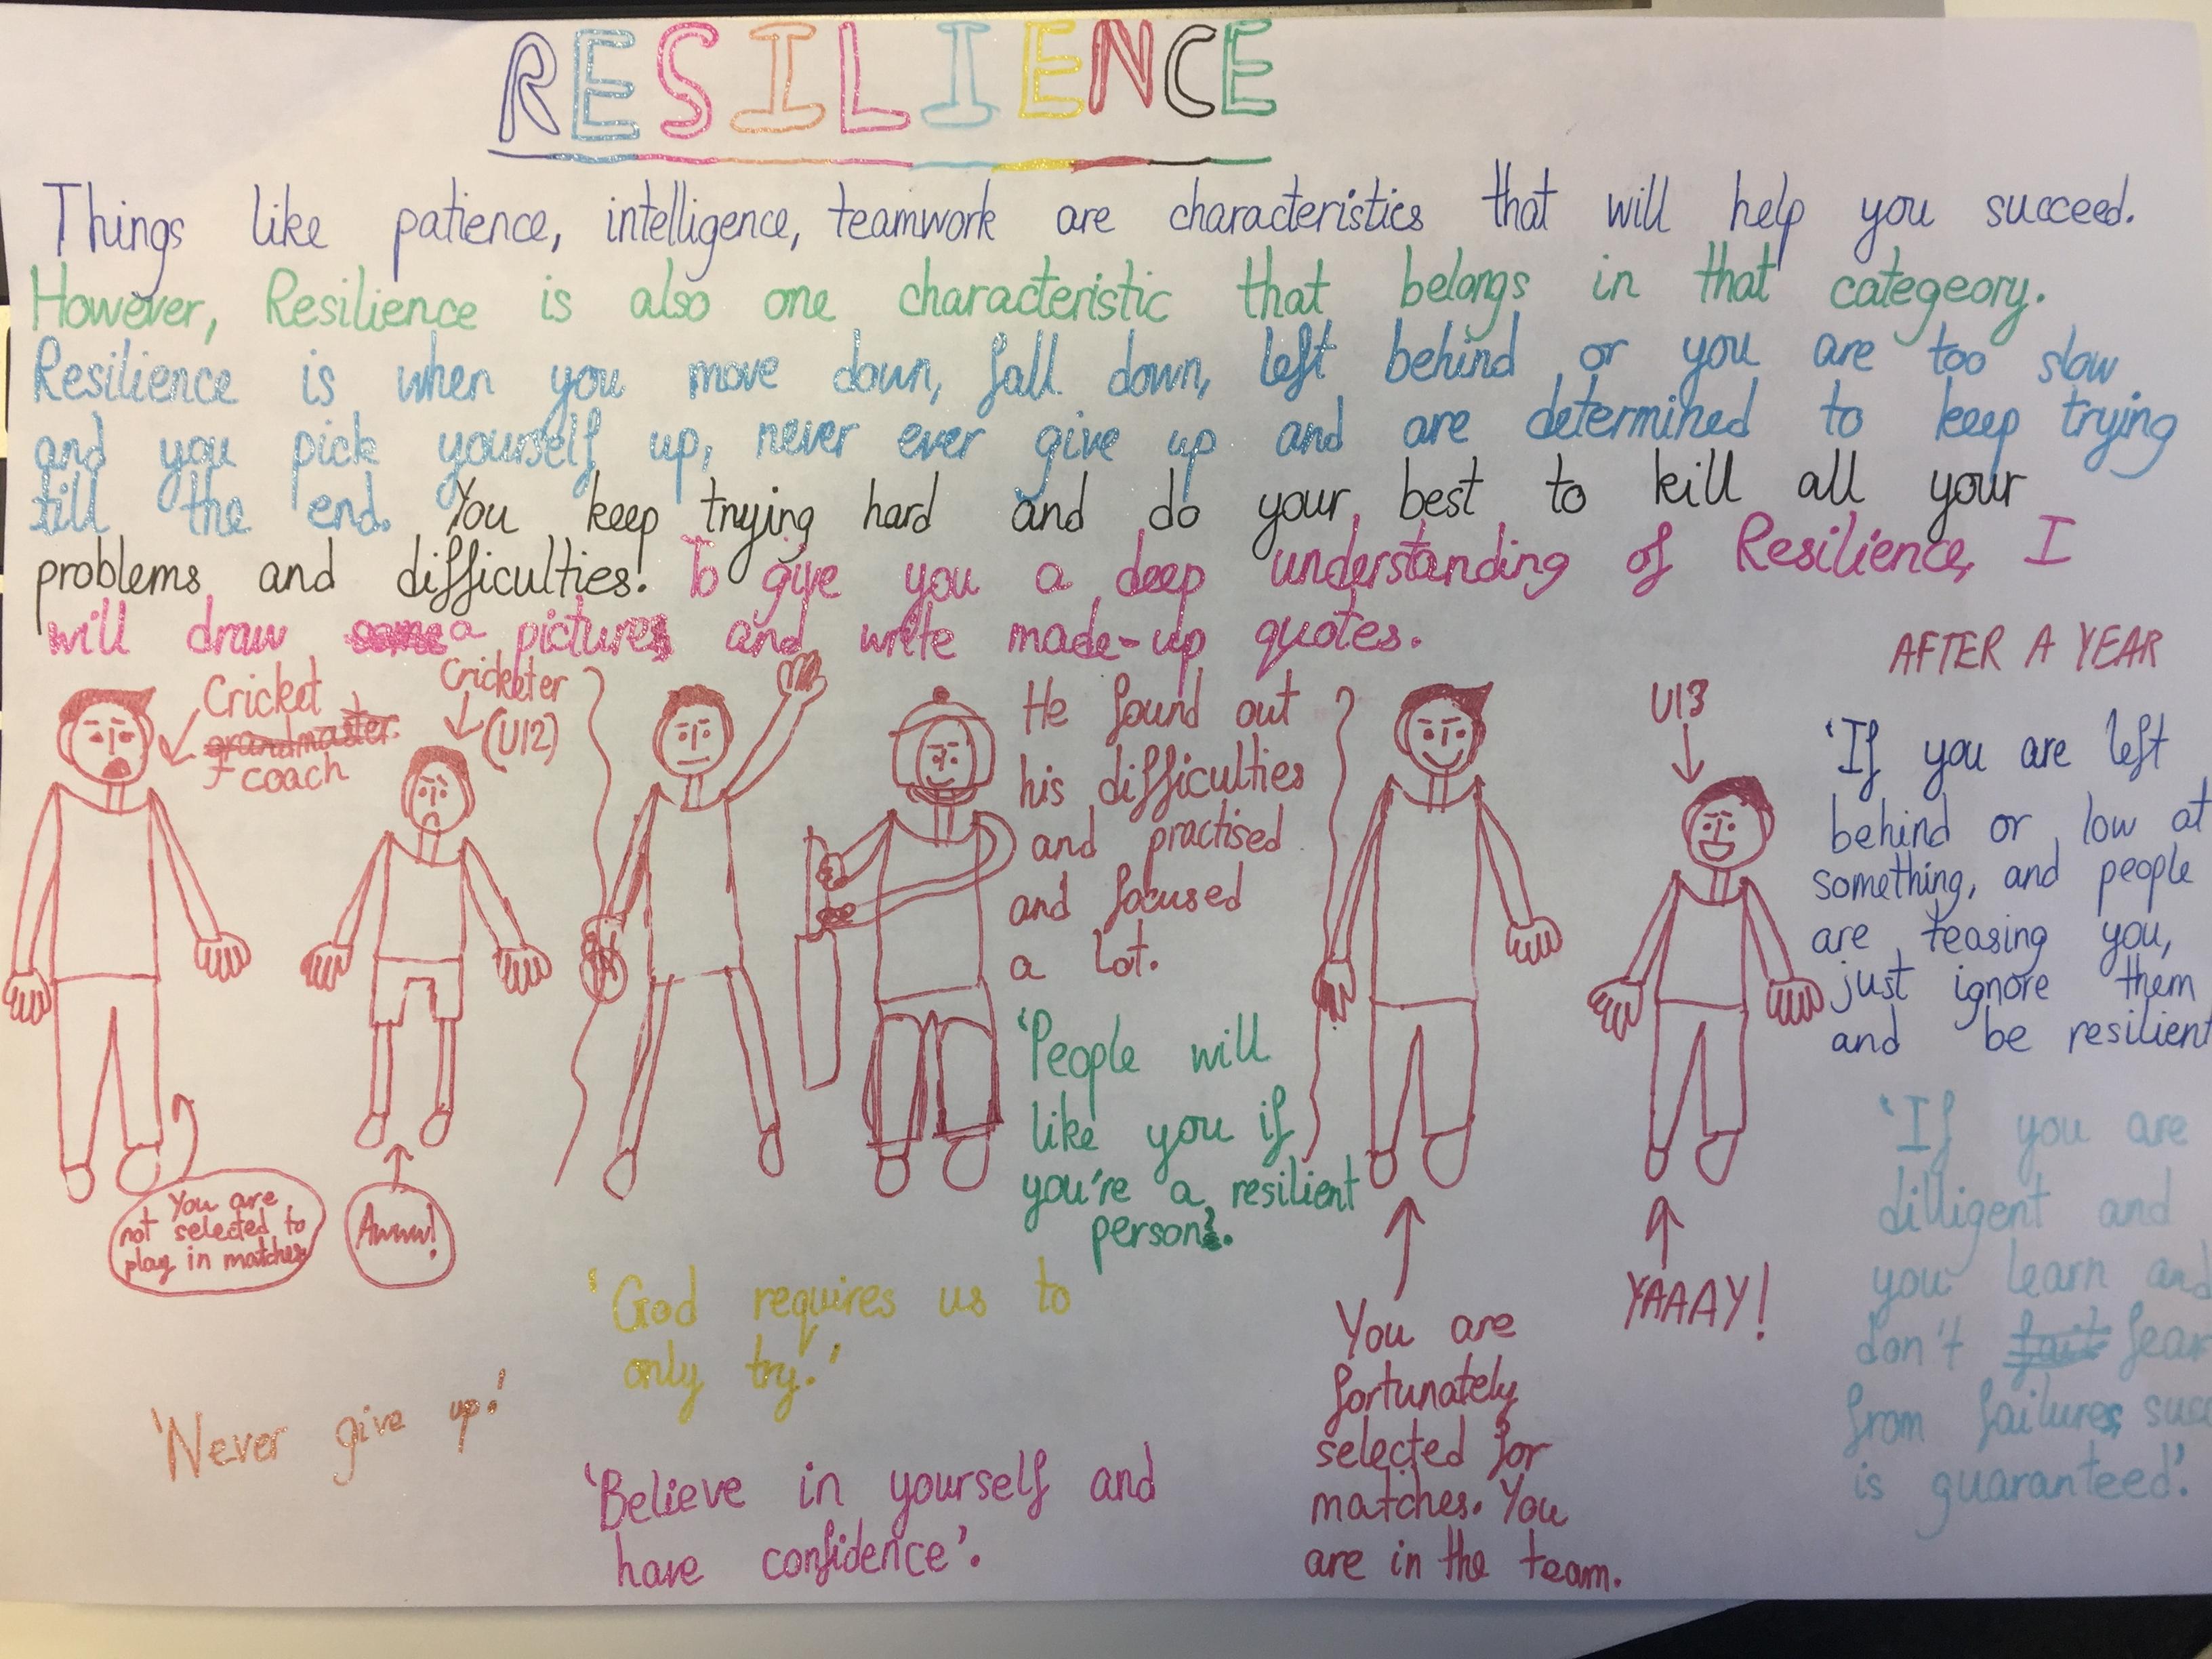 Resilienc-Poster-JPG